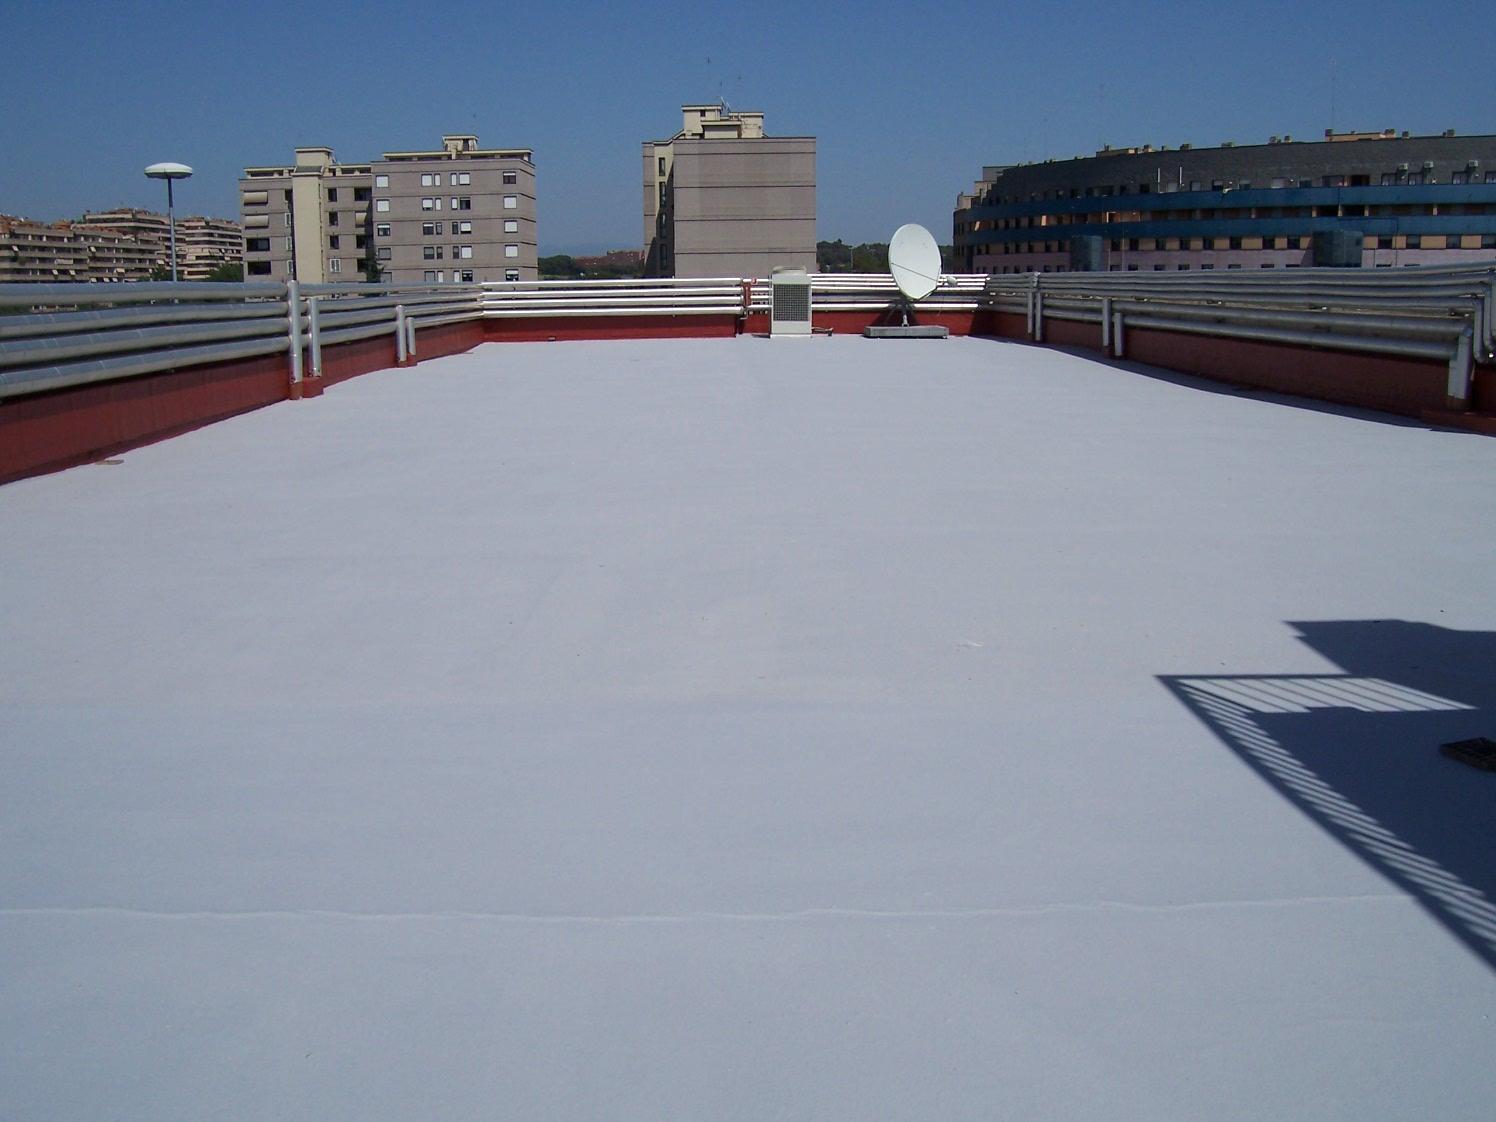 Polyu 12 guaina poliuretanica bicomponente per tappeti sportivi resinsiet srl - Impermeabilizzare il terrazzo ...